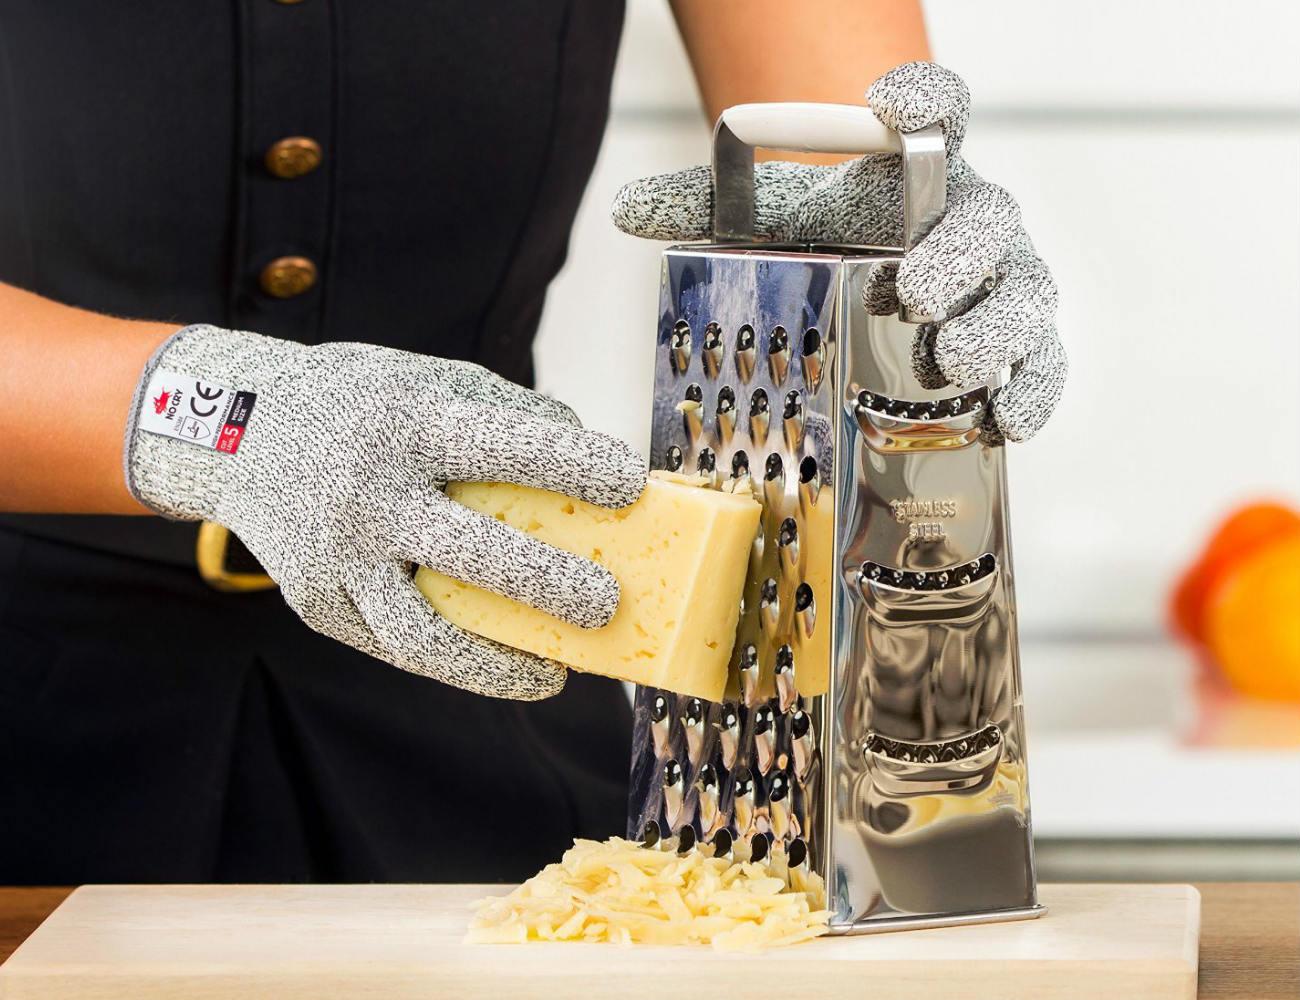 Full Size of Nocry Schnittfeste Handschuhe Lebensmittelechter Level 5 Schutz Betonoptik Küche Holz Weiß Einlegeböden Stehhilfe Schwingtür Outdoor Kaufen Wandfliesen Küche Schnittschutzhandschuhe Küche